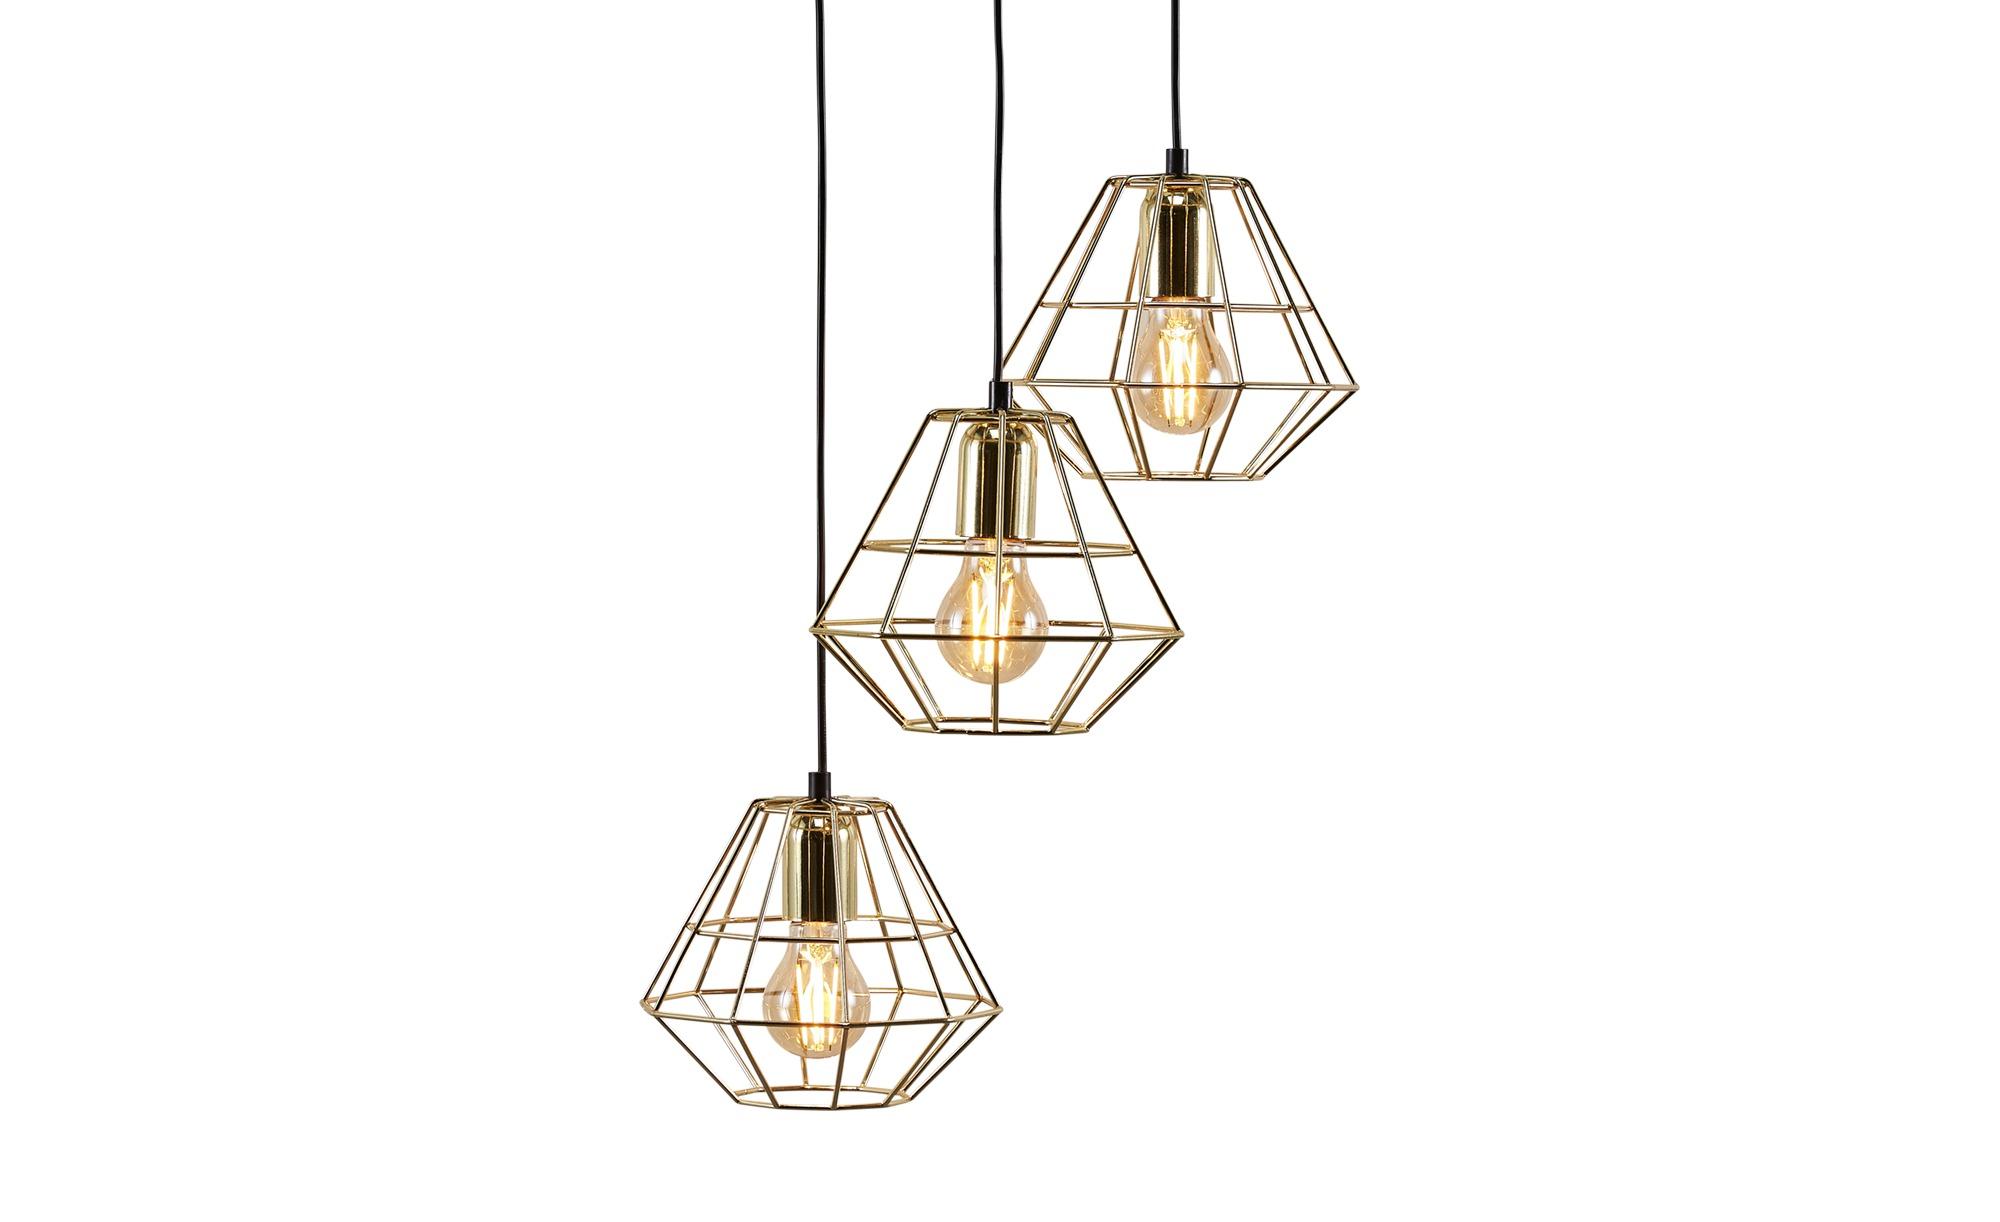 Pendelleuchte, 3-flammig, gold/schwarz ¦ gold ¦ Maße (cm): H: 140 Ø: 43 Lampen & Leuchten > Innenleuchten > Pendelleuchten - Höffner